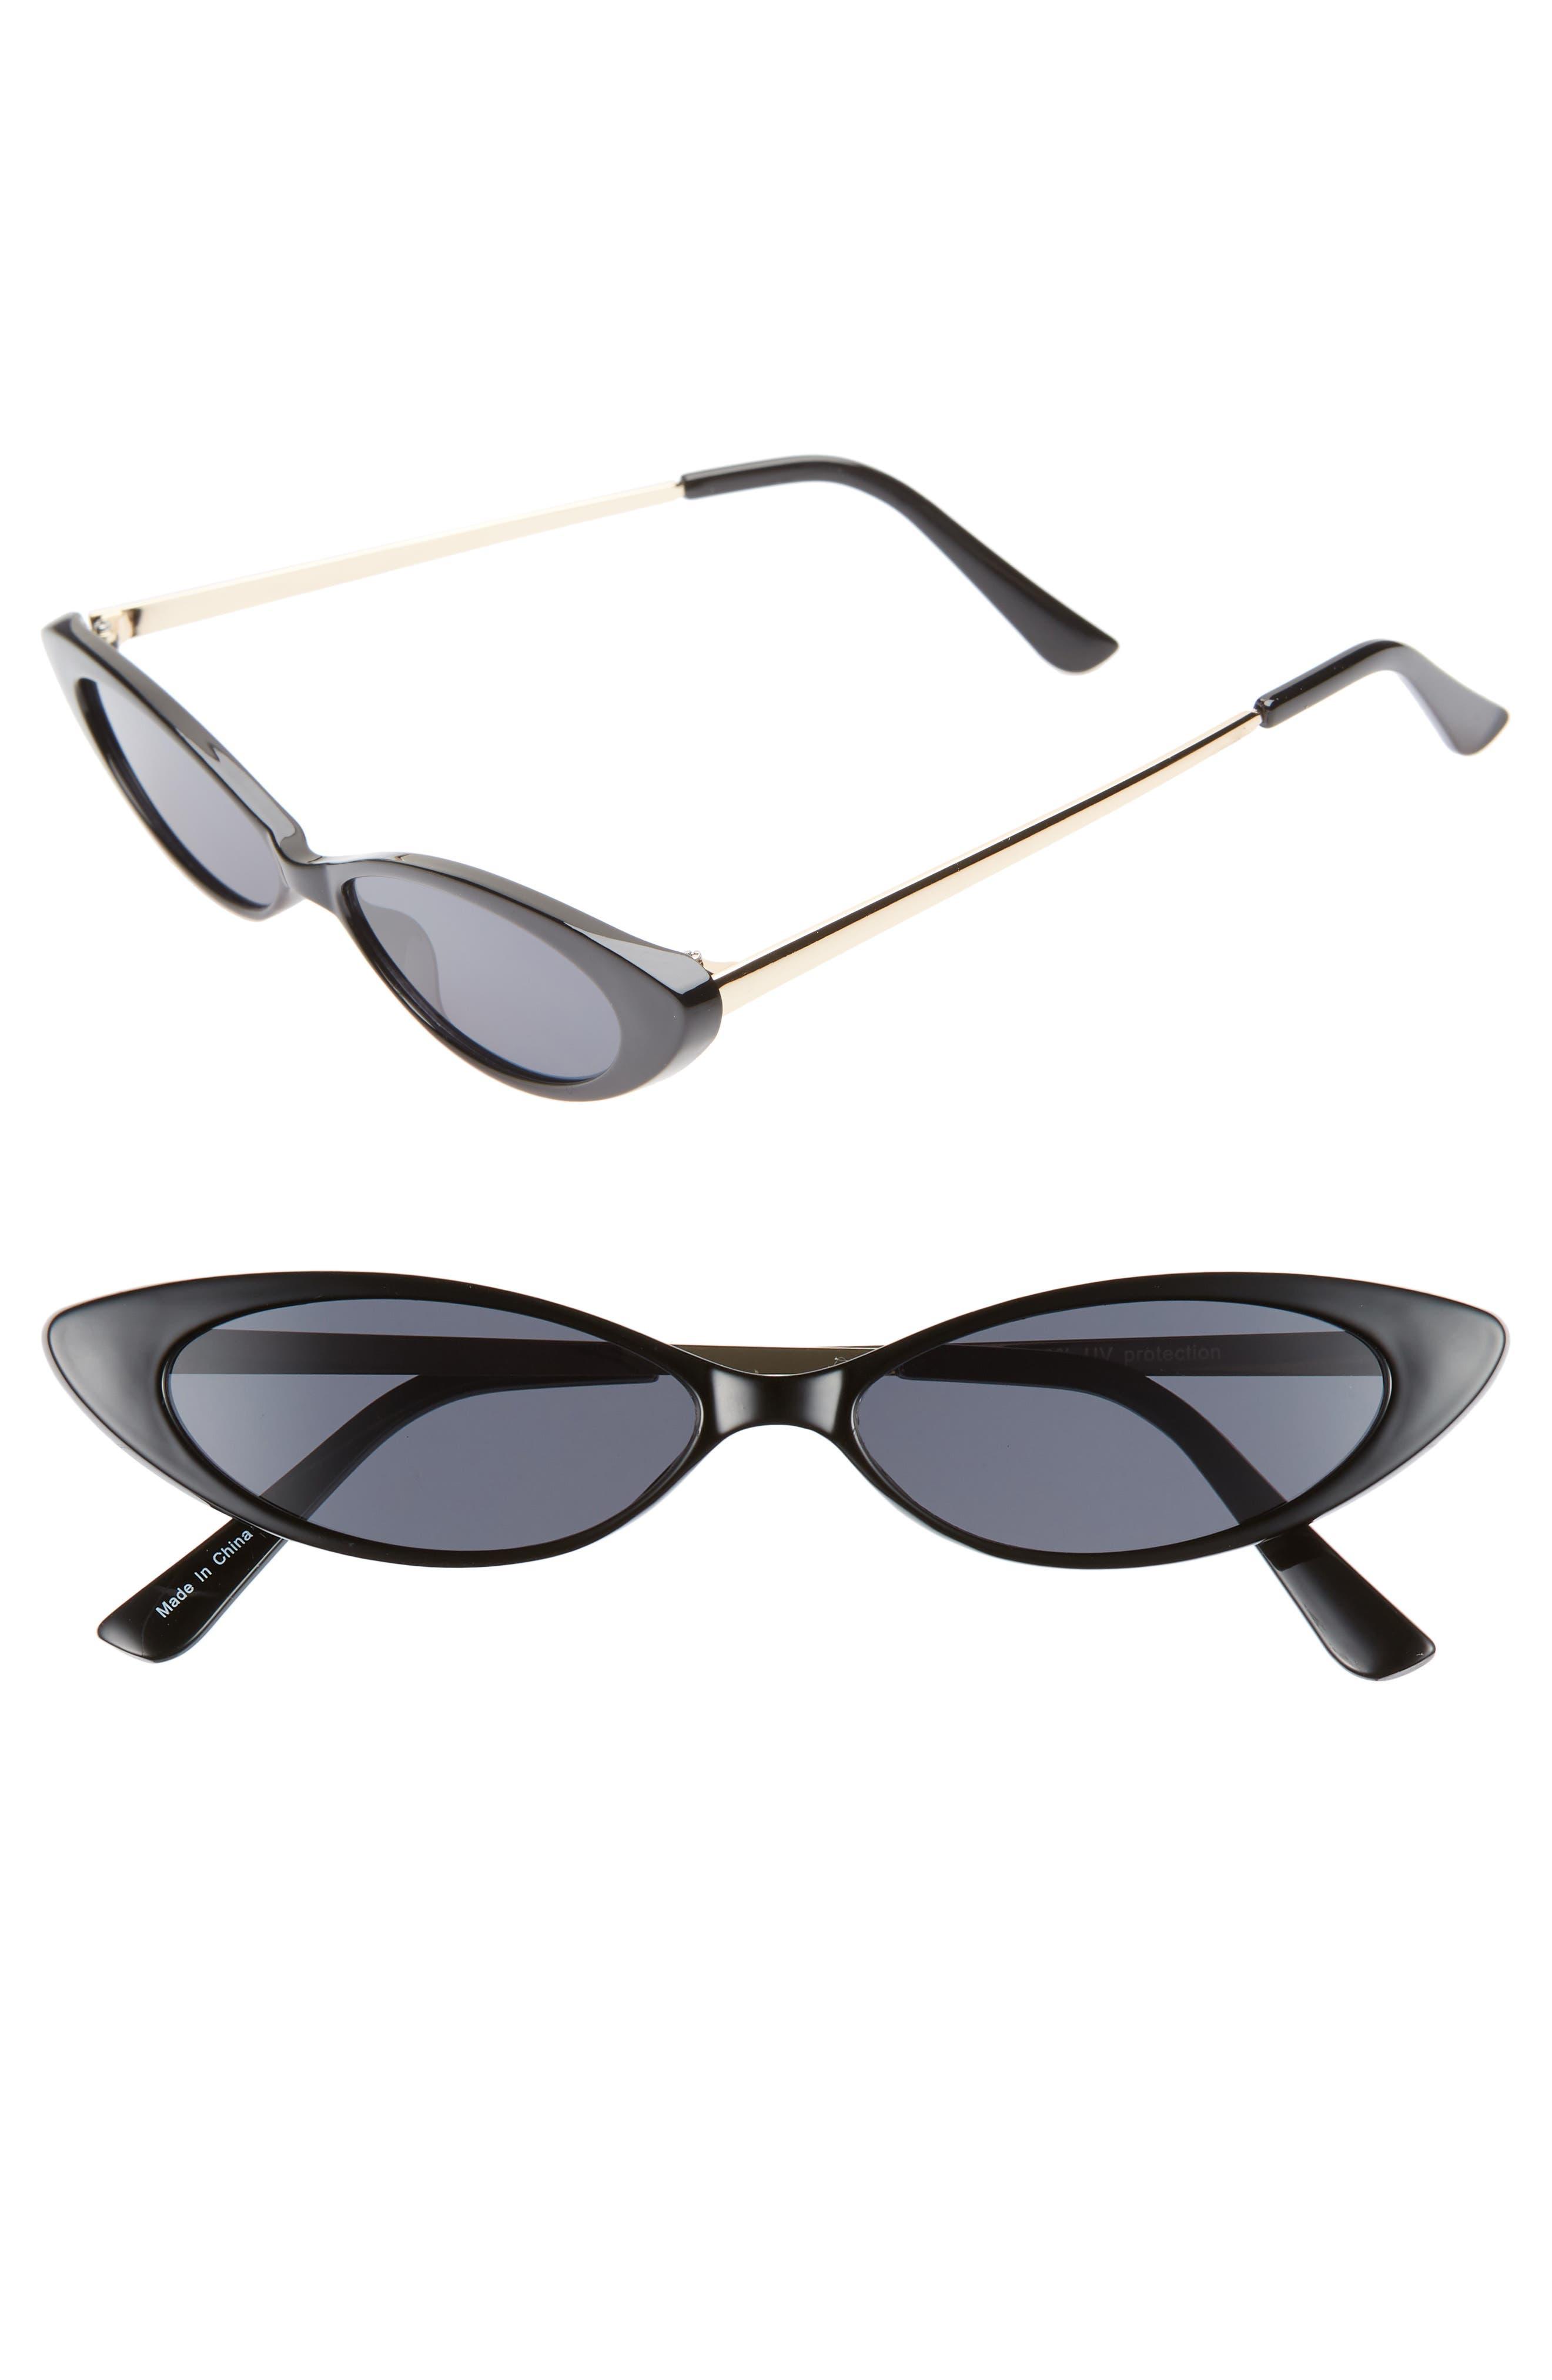 Metal & Plastic Mini Cat Eye Sunglasses,                             Main thumbnail 1, color,                             BLACK/ GOLD